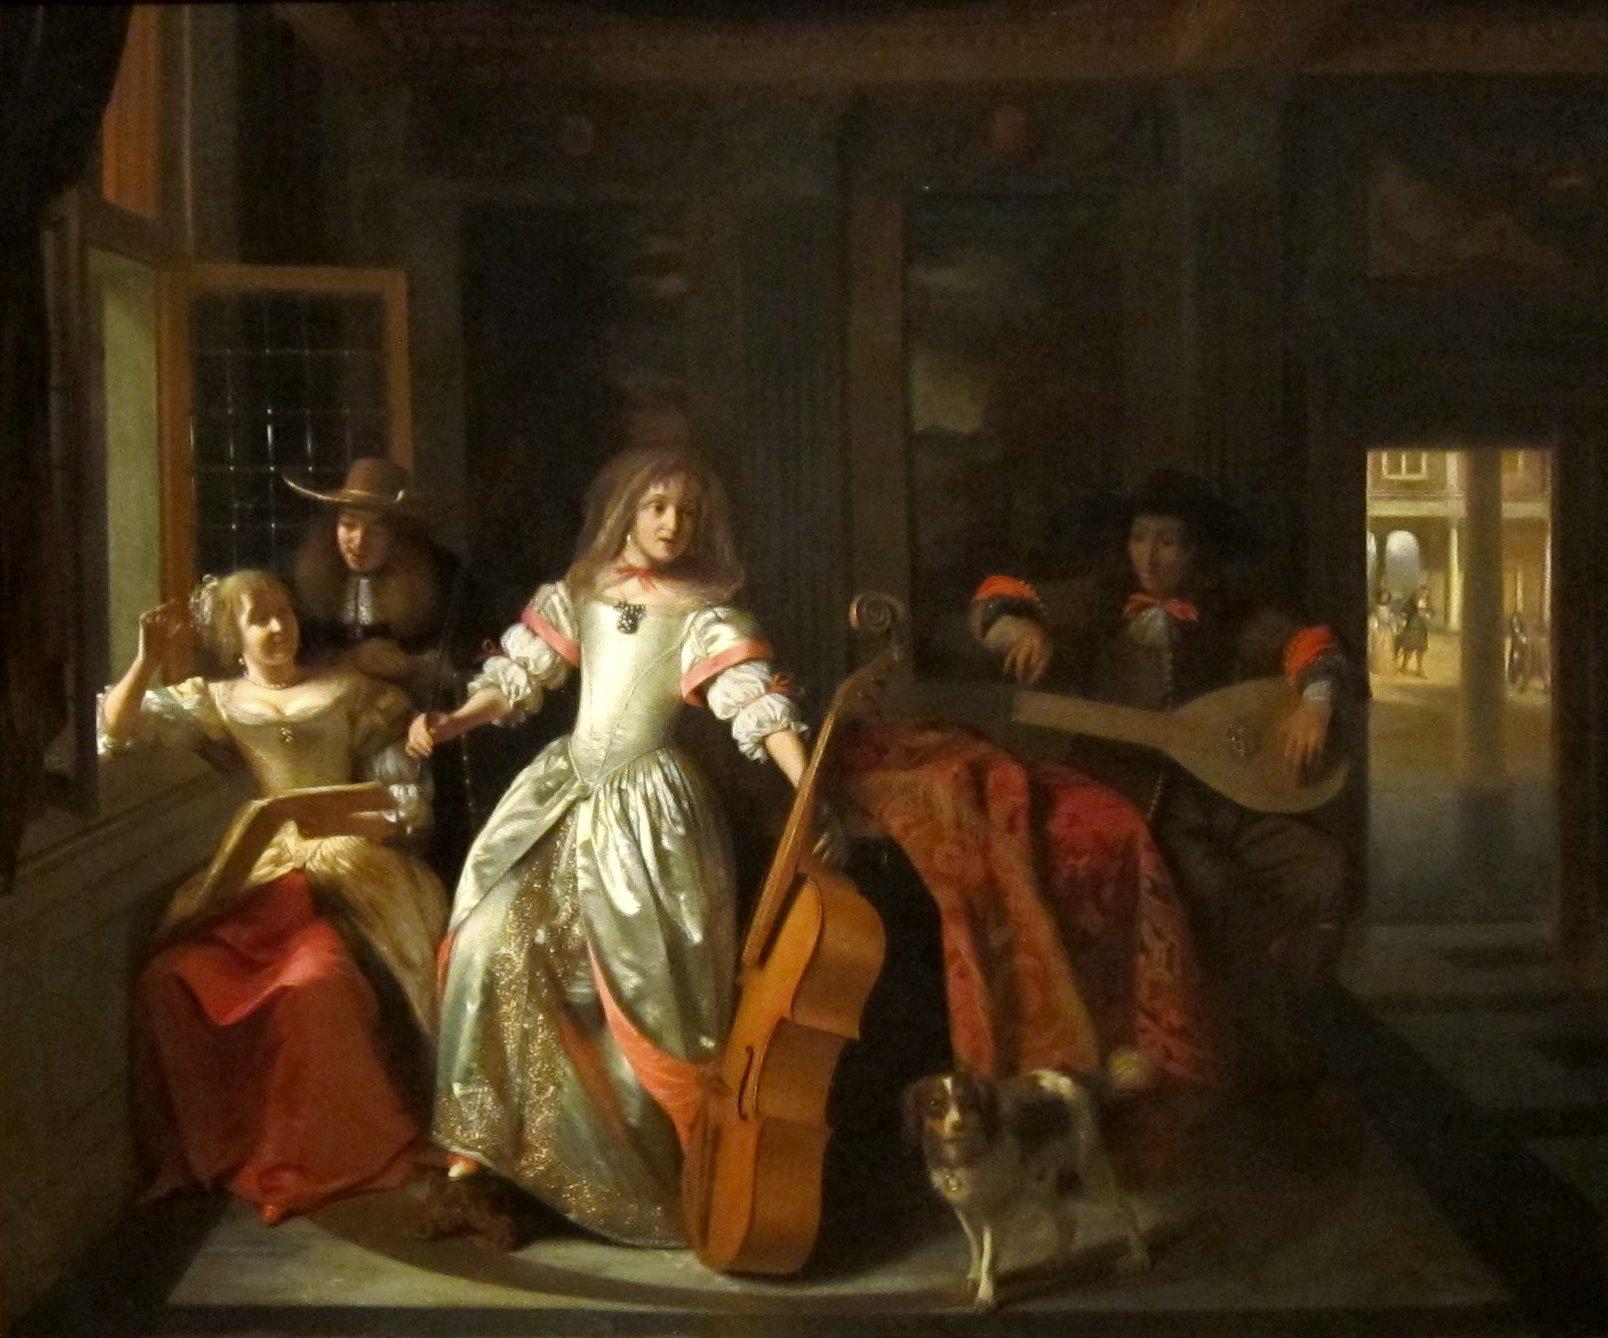 File:Hooch, Pieter de - A Musical Conversation, 1674.jpg